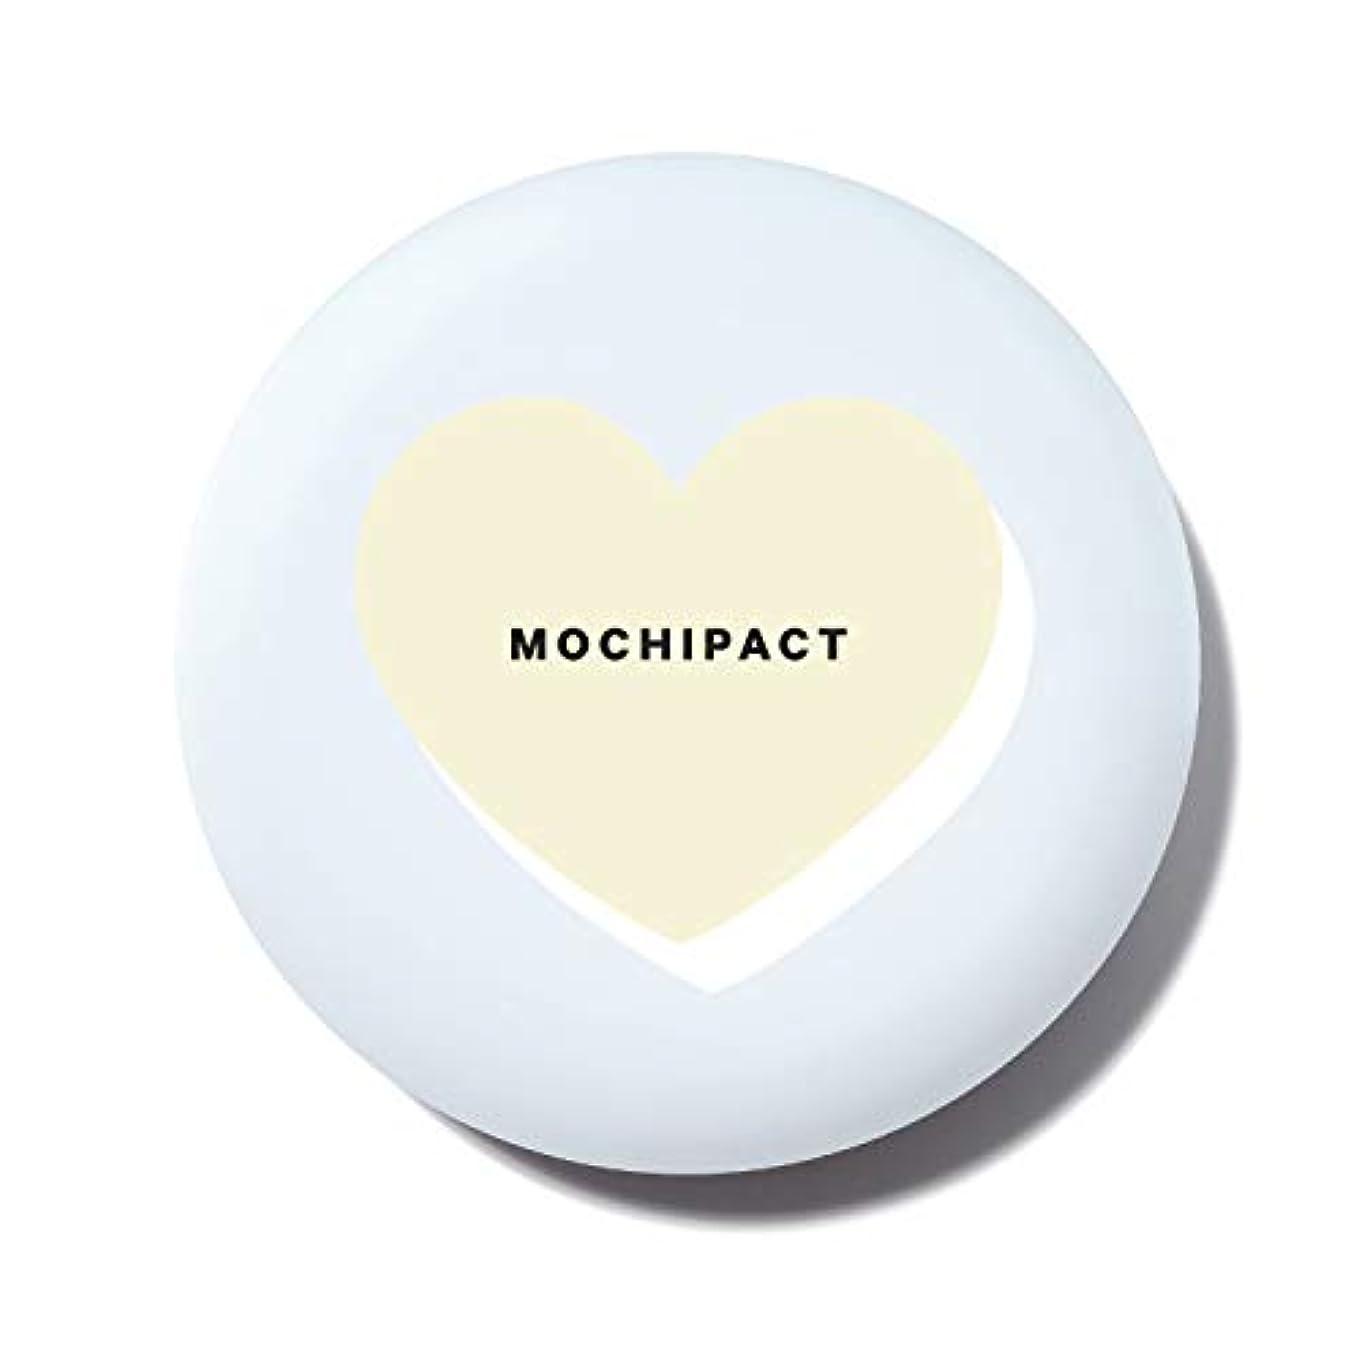 に対して敏感な飲料16brand(シックスティーンブランド) 16MOCHI PACT (モチパクト) ピーチライト (PEACH LIGHT) (9g)